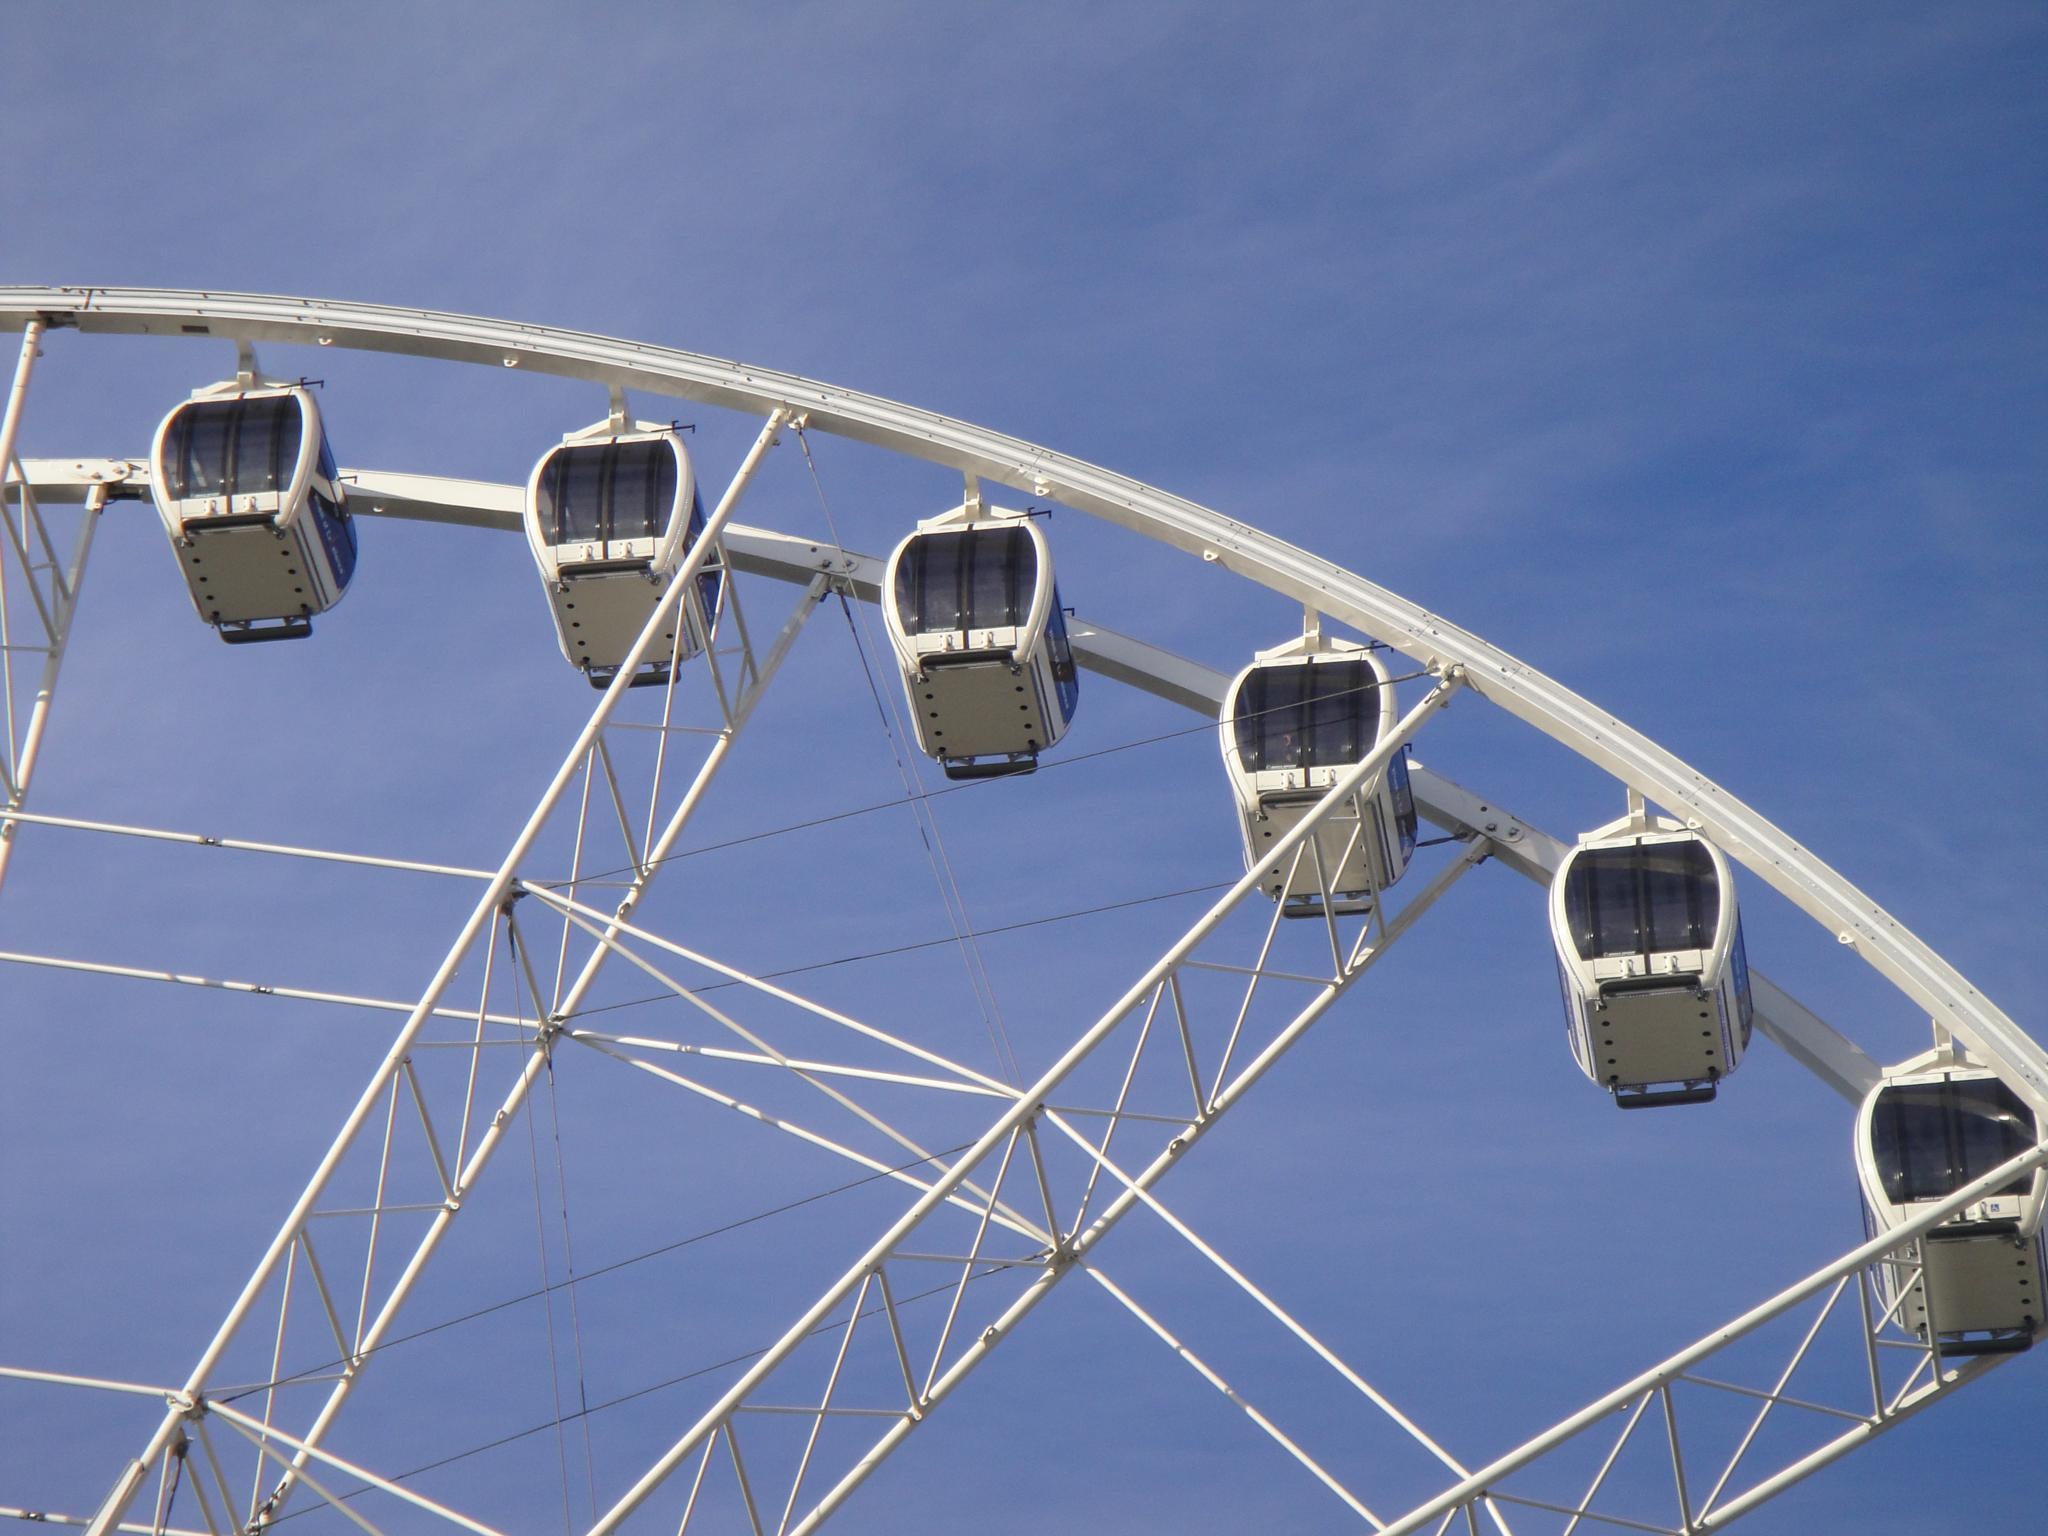 Ferris wheel at Hyde Park Winter Wonderland by MissXavierBurgess